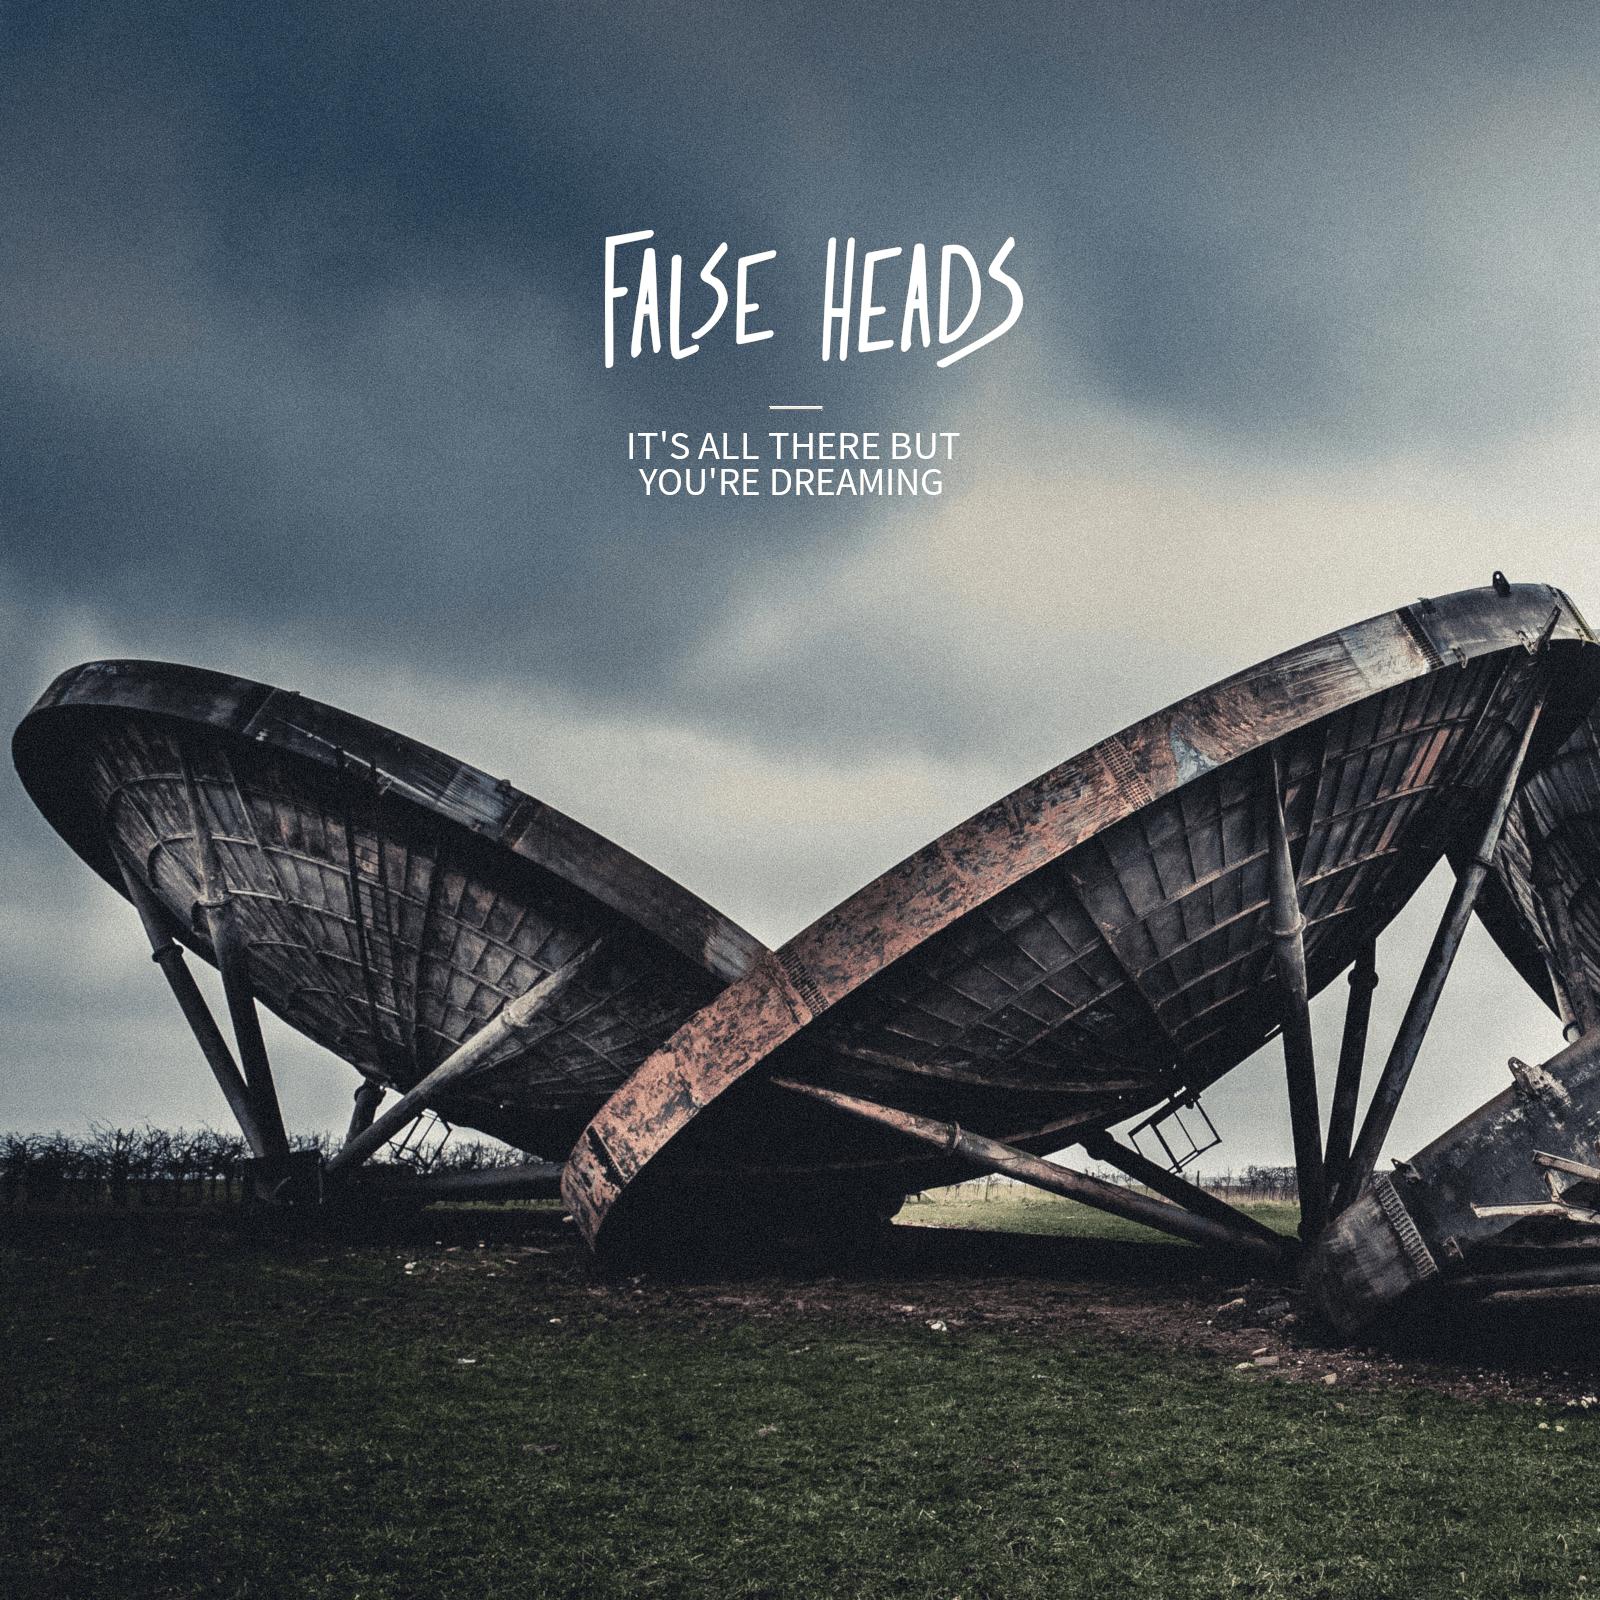 False-Heads-album